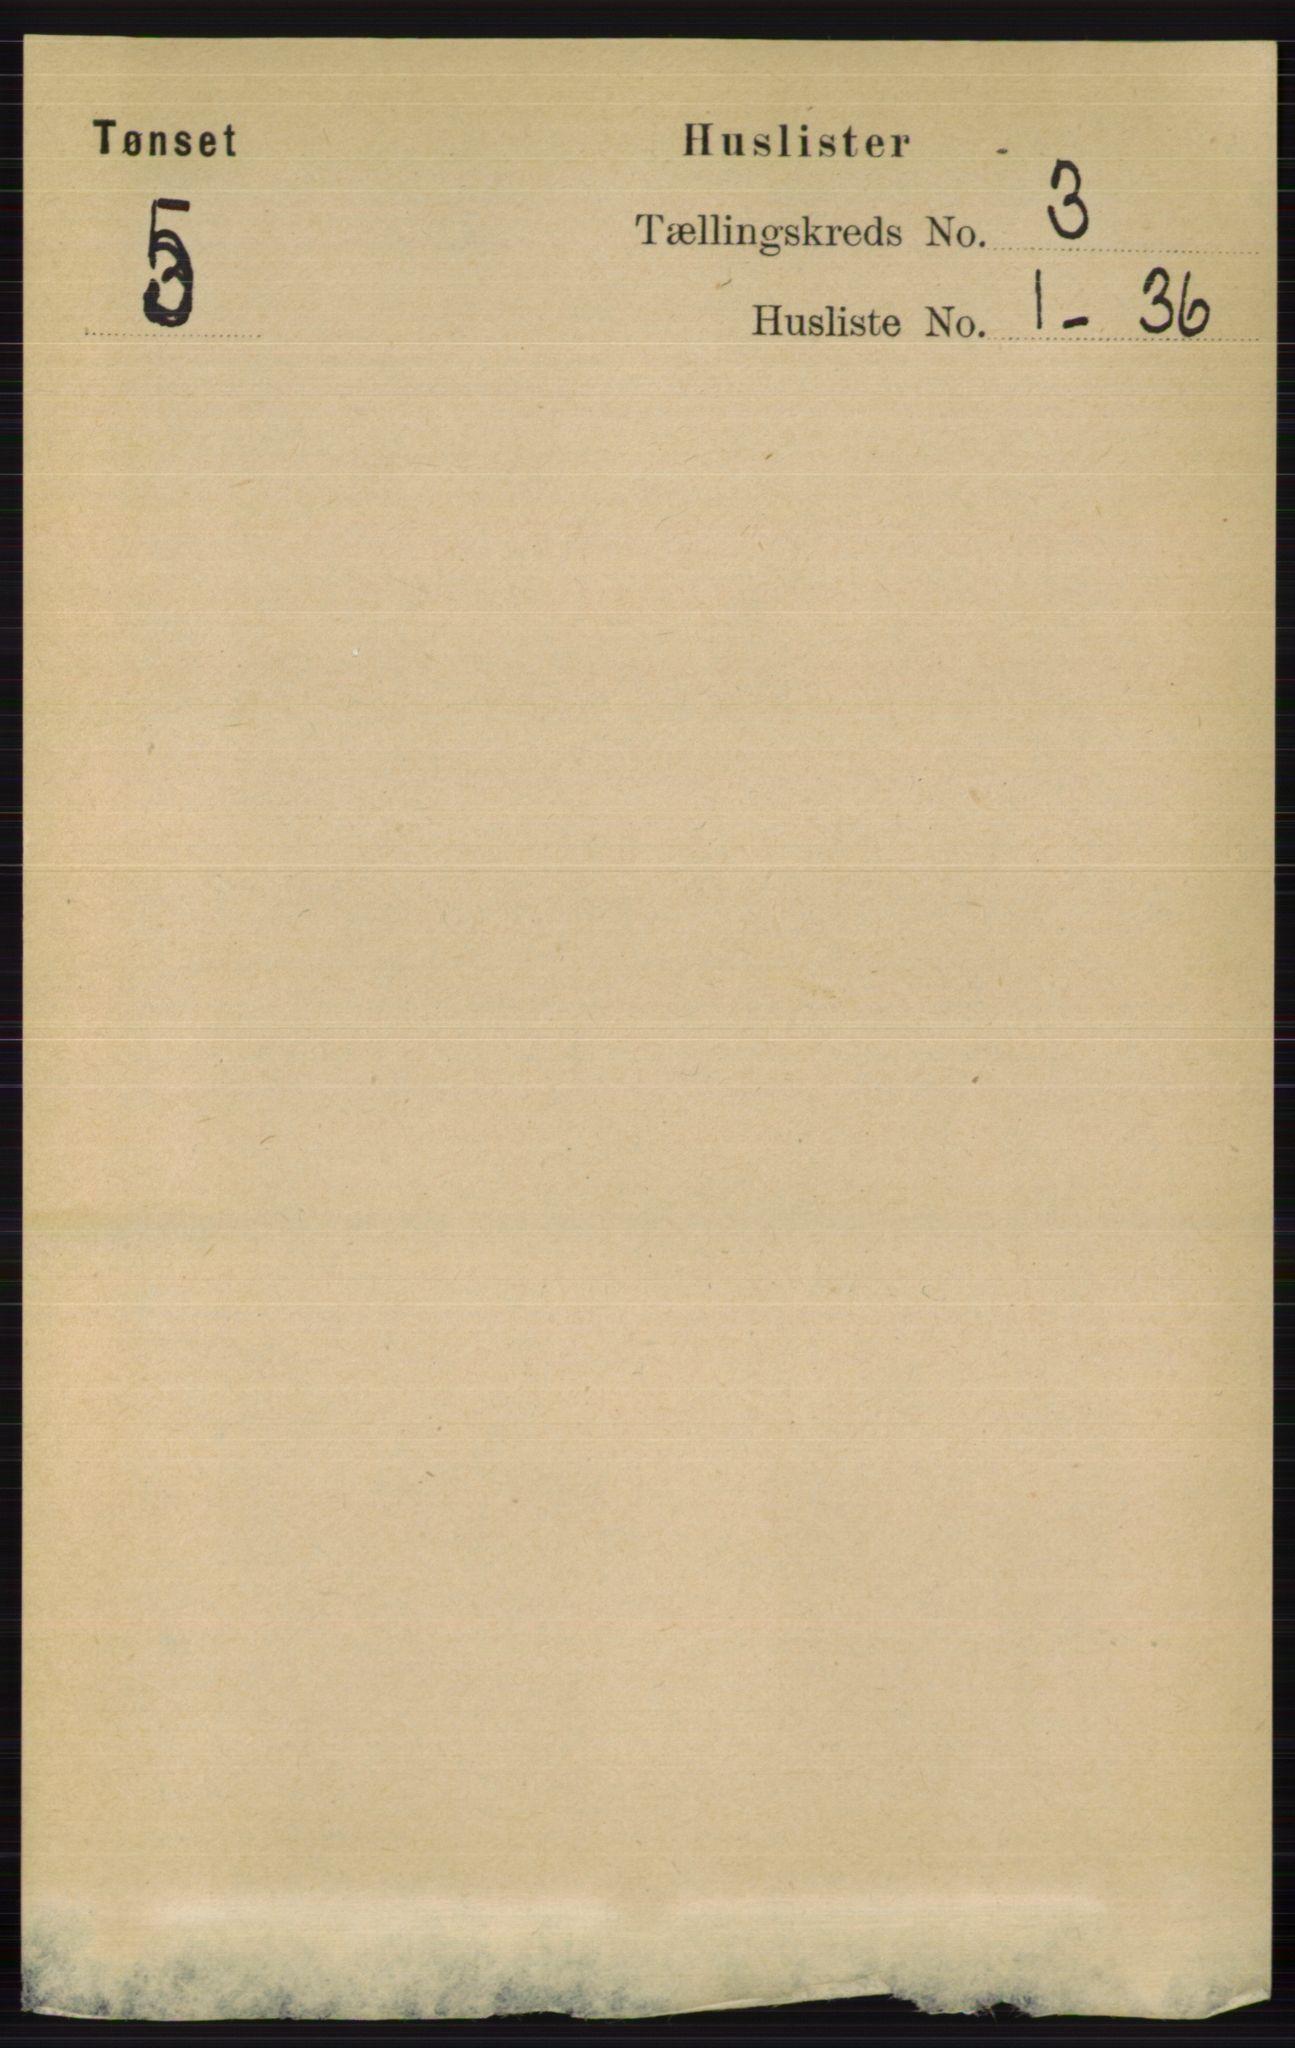 RA, Folketelling 1891 for 0437 Tynset herred, 1891, s. 543